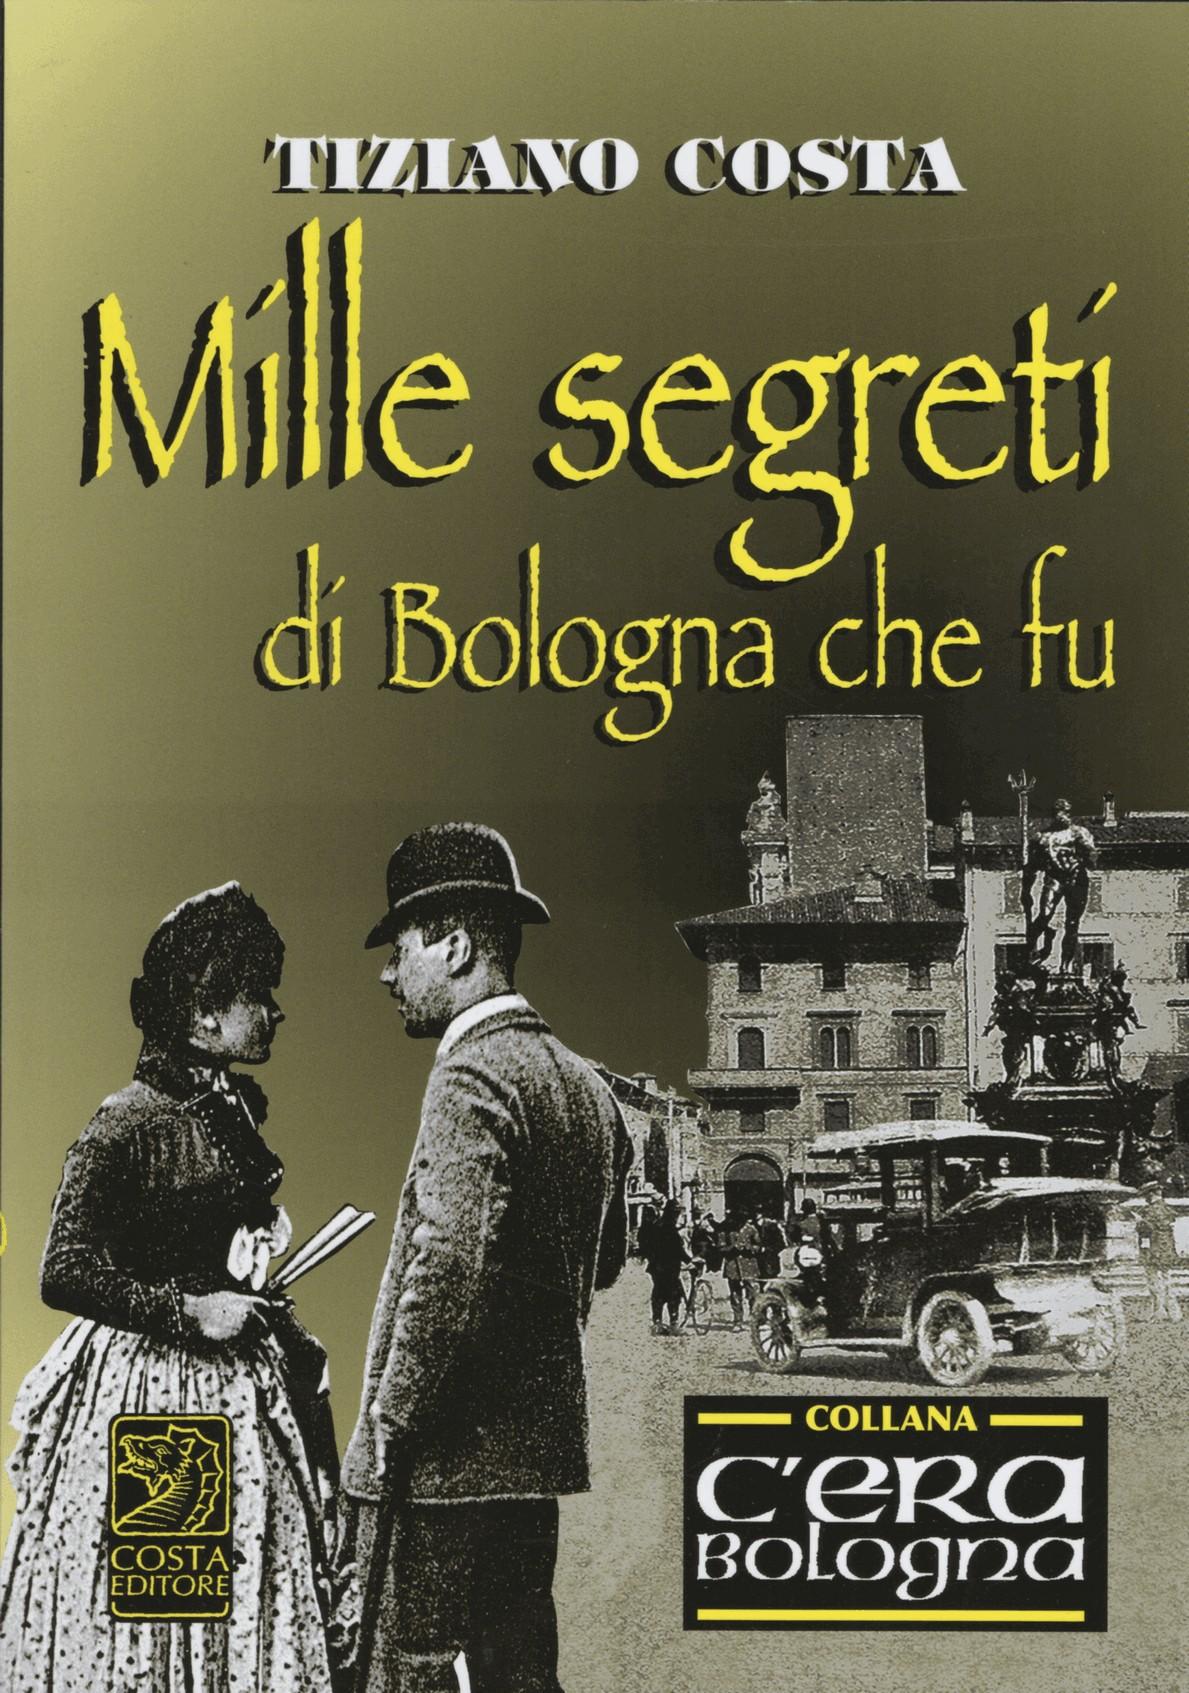 Mille segreti della Bologna che fu